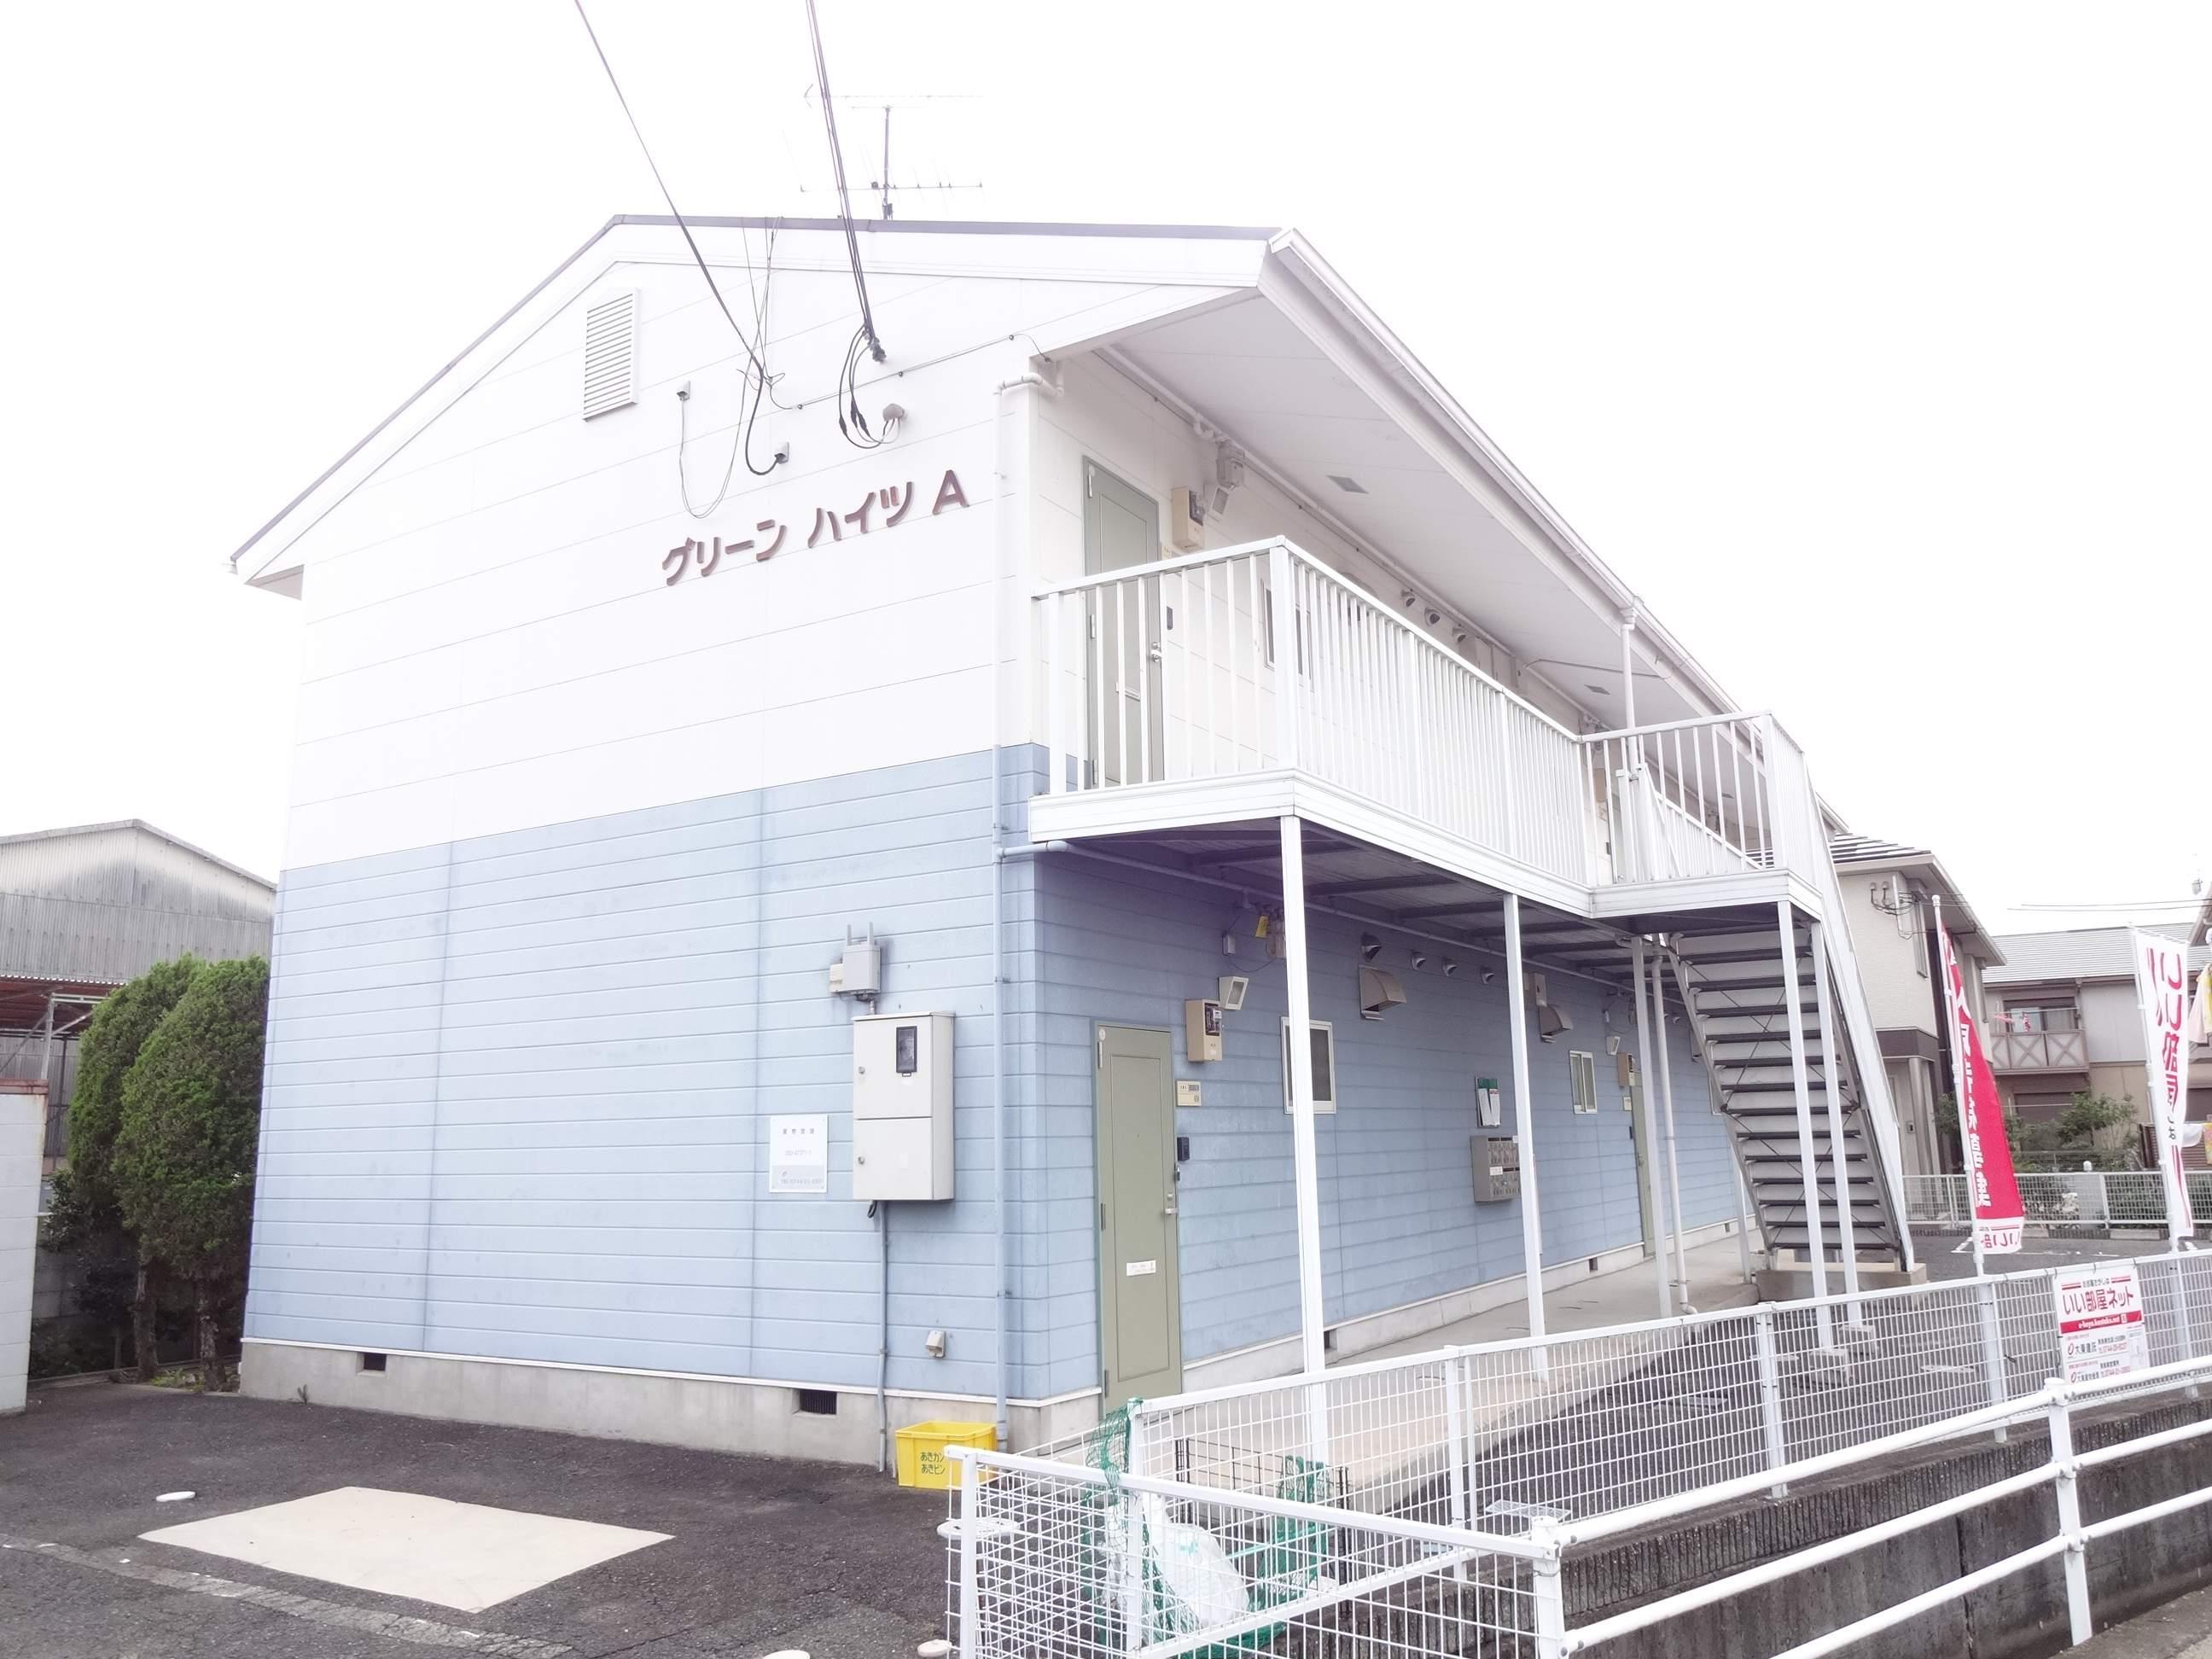 奈良県橿原市、金橋駅徒歩18分の築22年 2階建の賃貸アパート